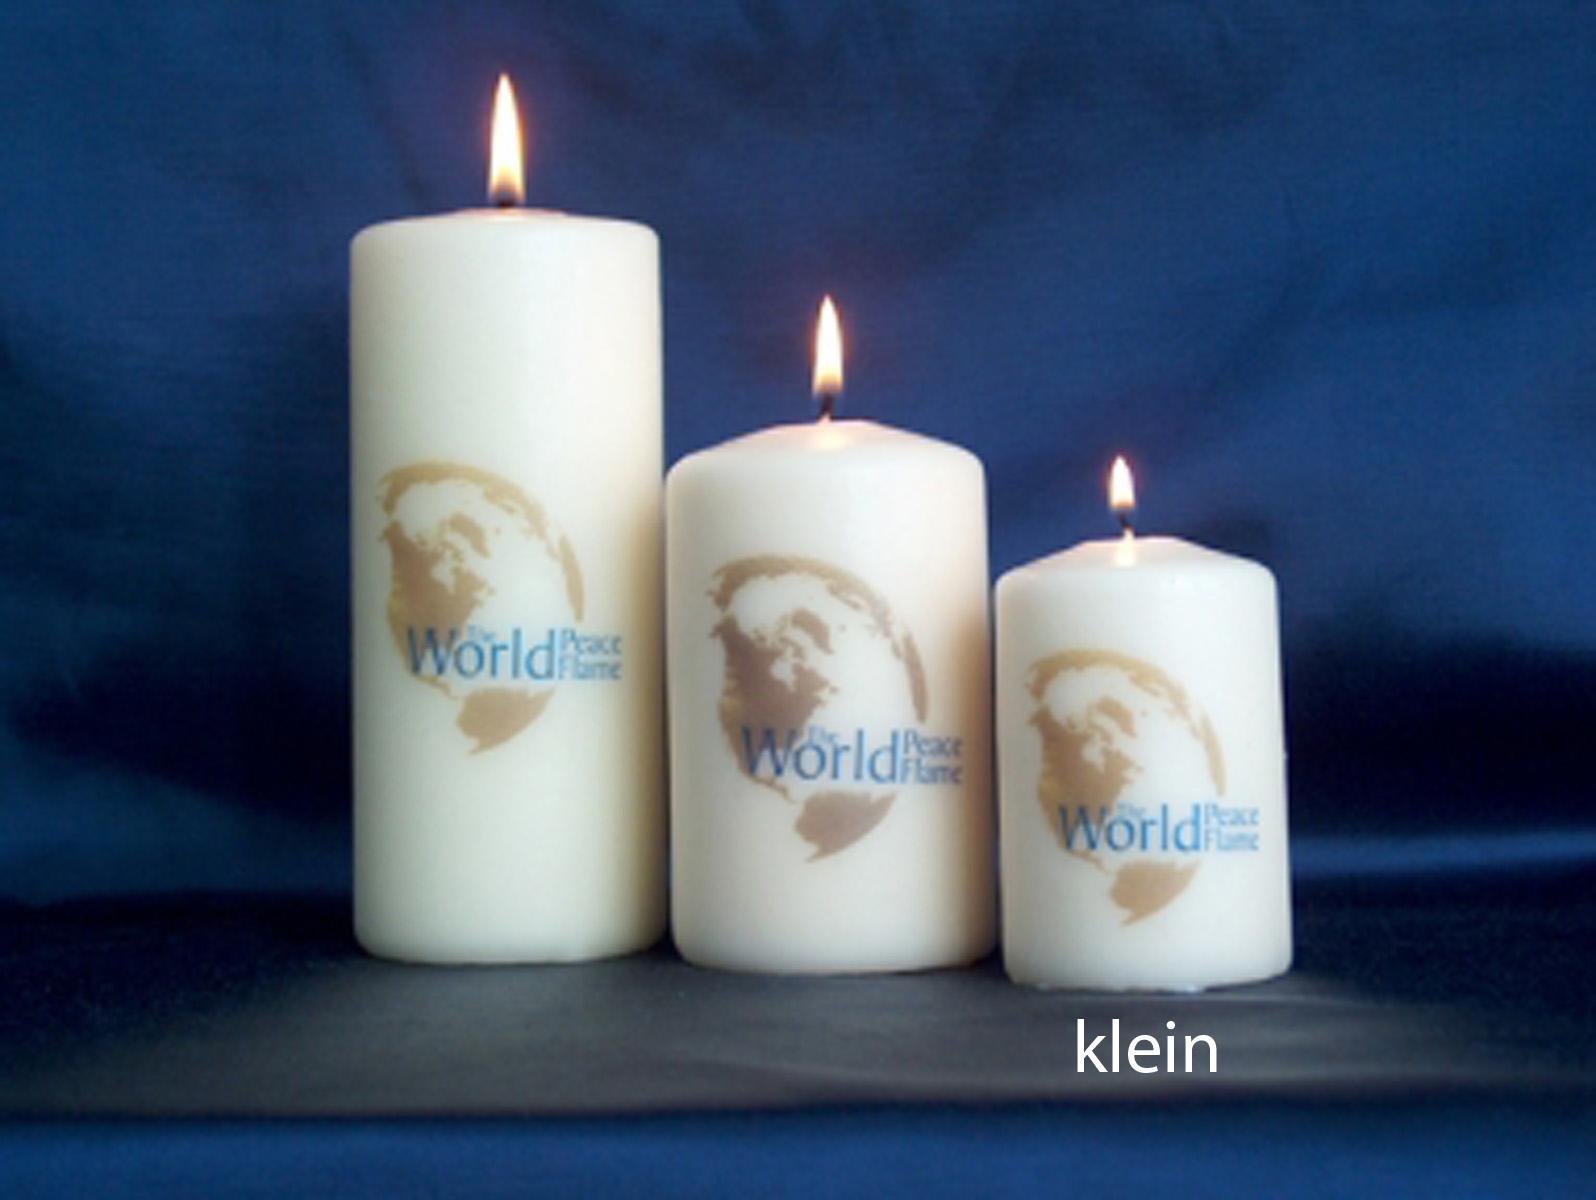 Foto Op Kaars.World Peace Flame Shop Kaarsen Wpf Kaars Klein